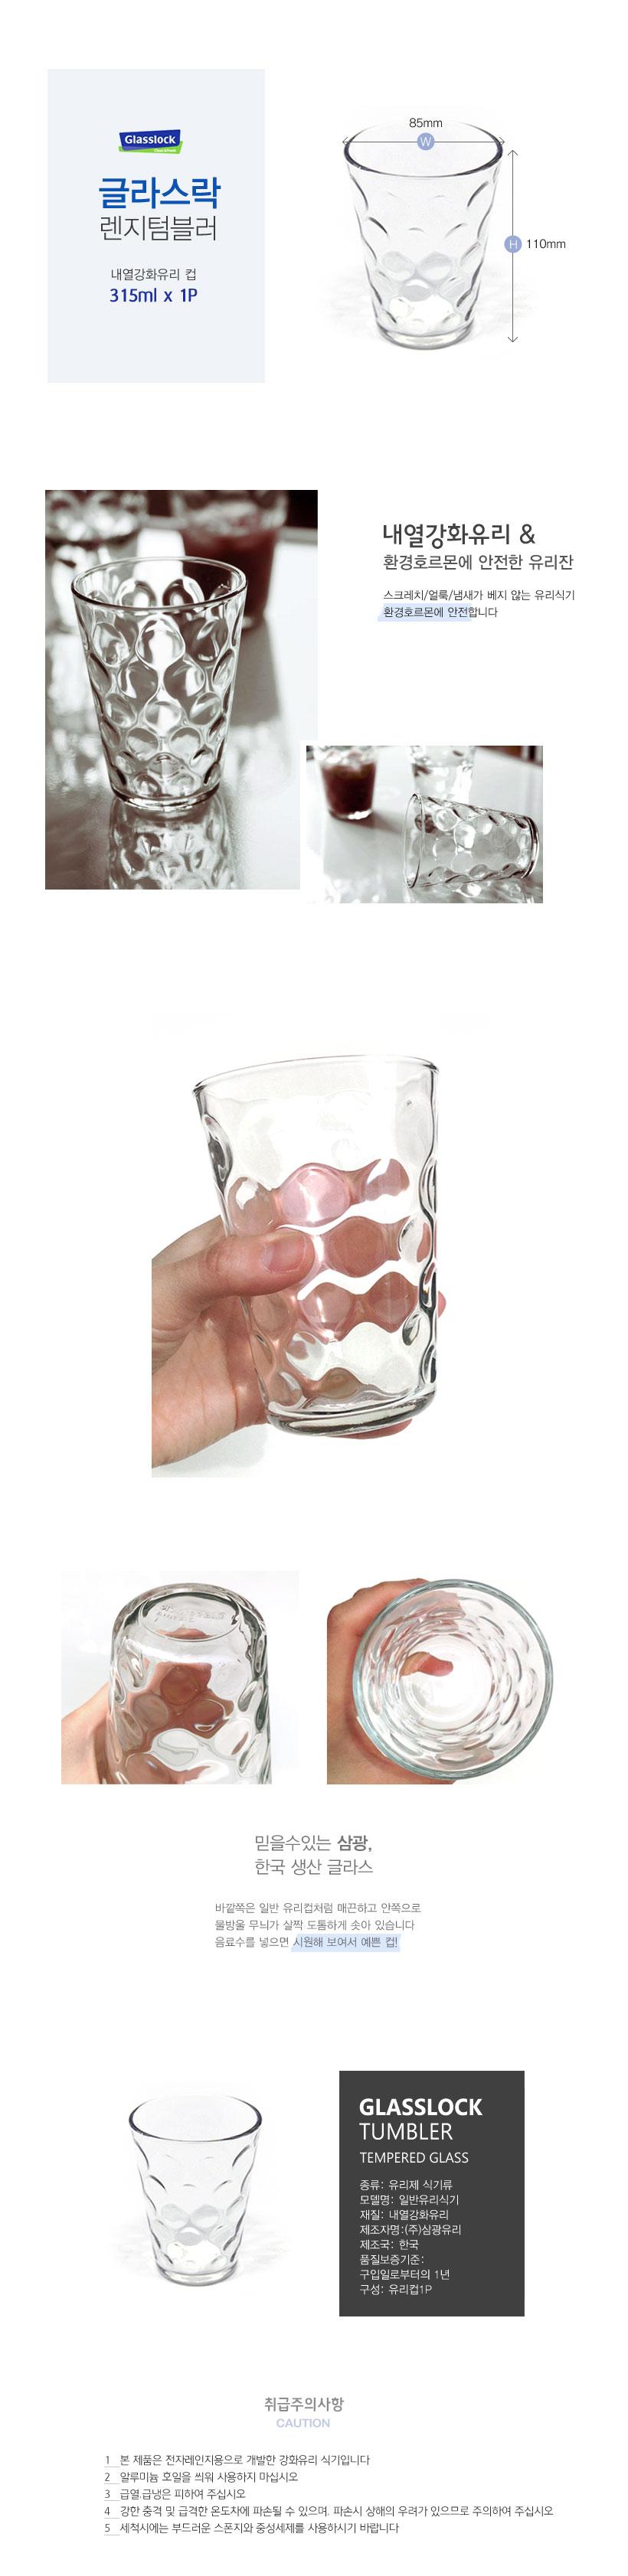 글라스락 물방울 렌지 텀블러 315ml 1P - 재미있는생활, 2,700원, 유리컵/술잔, 유리컵